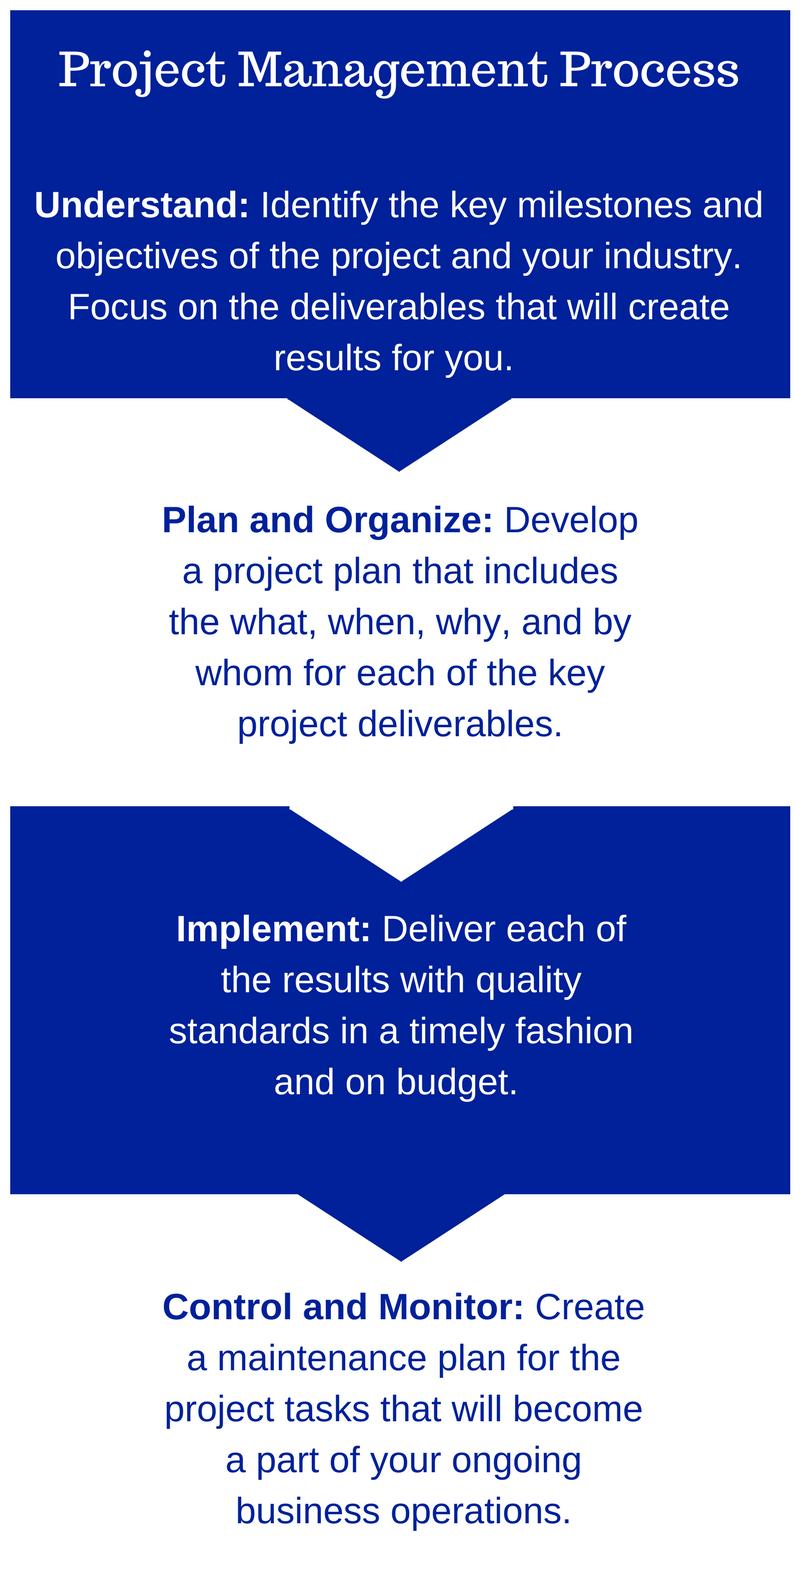 Project Management Process.png